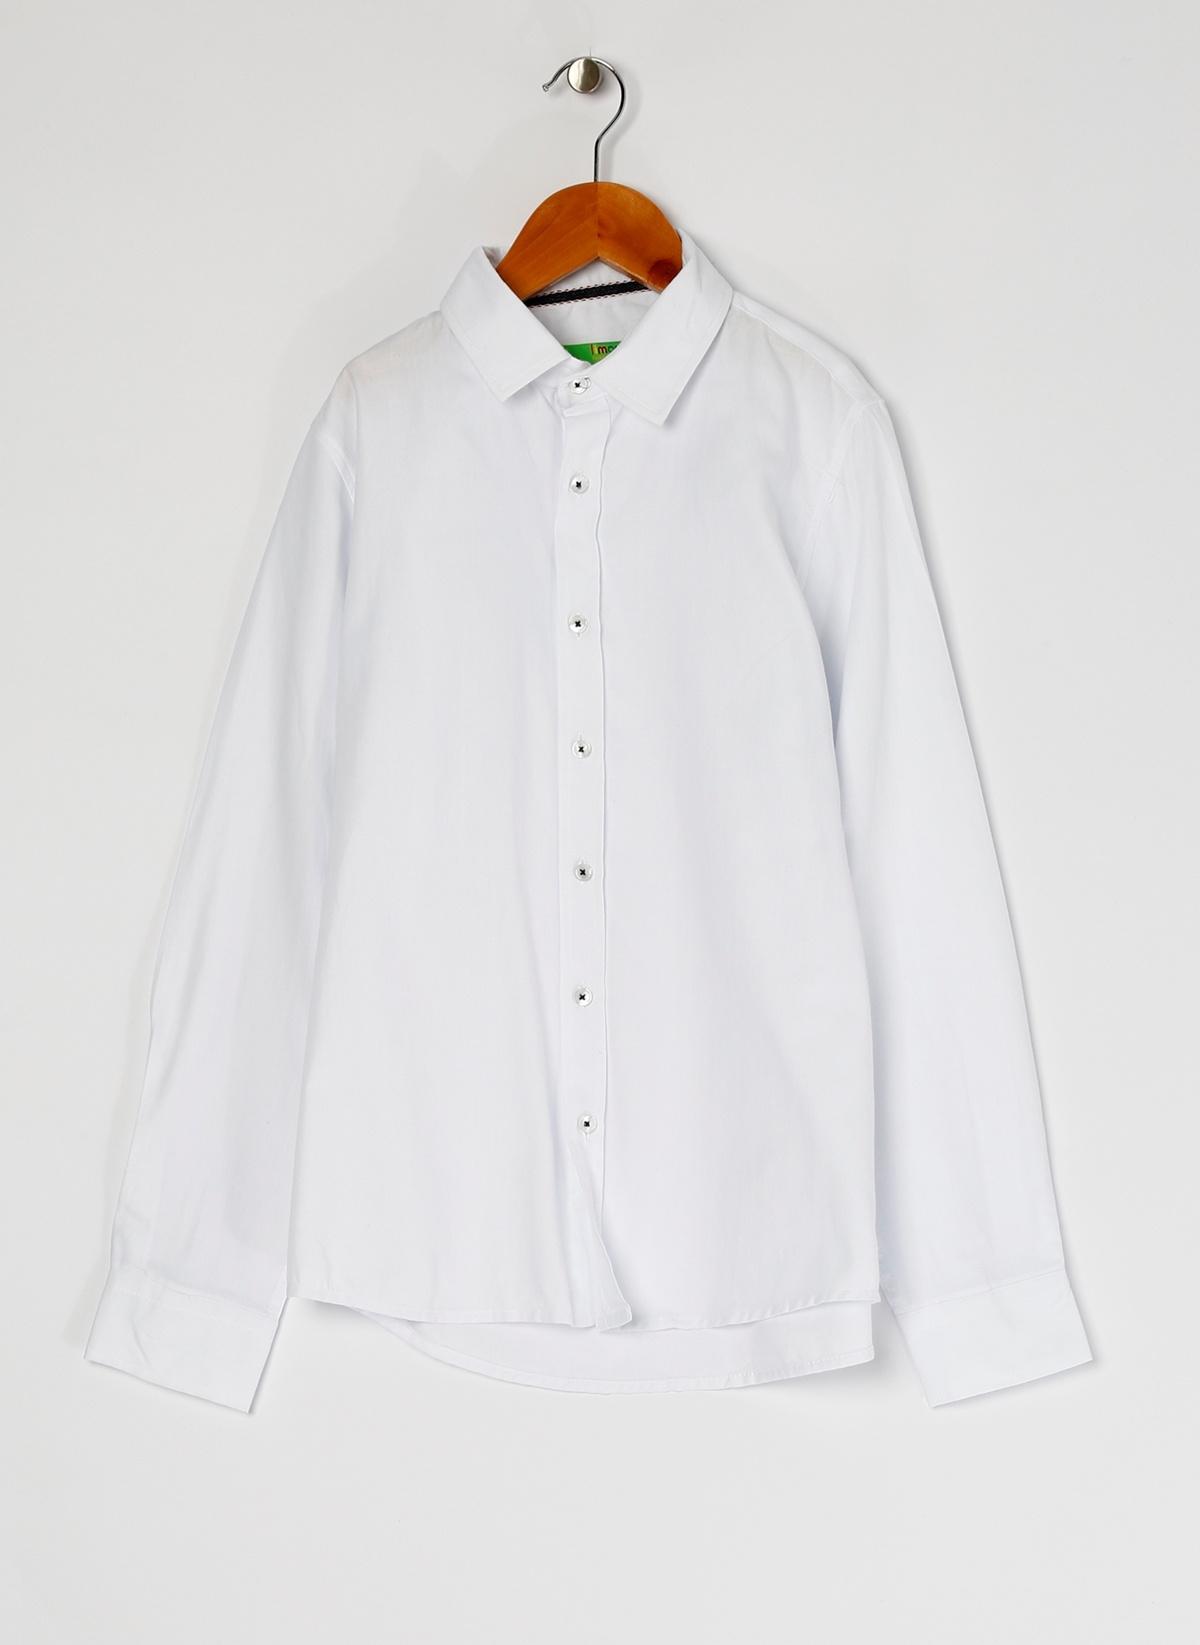 Limon Company Erkek Çocuk Gömlek Beyaz 11-12YAS Beden